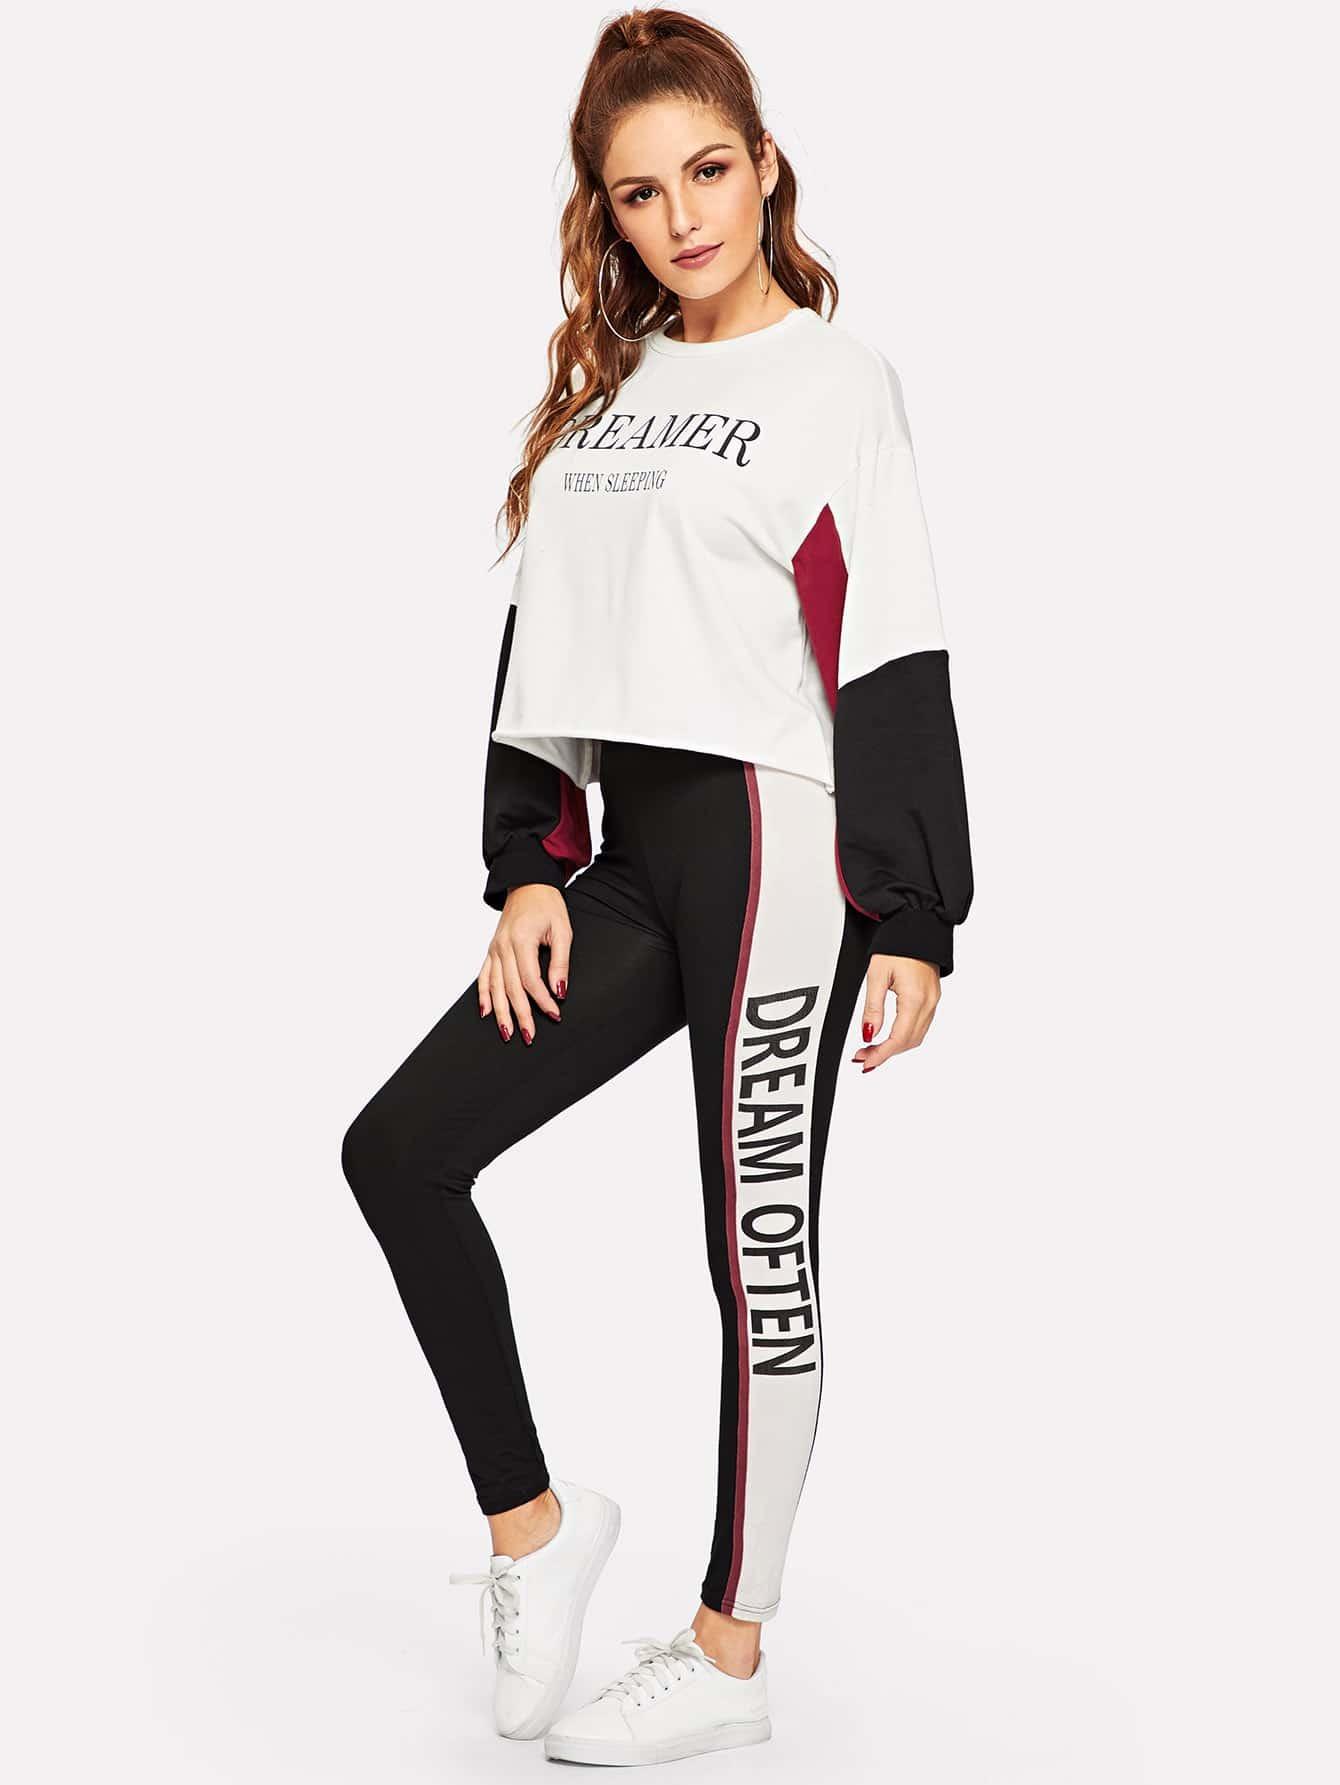 Купить Контрастный пуловер с текстовым принтом и леггинсы с текстовым принтом, Lisa A, SheIn